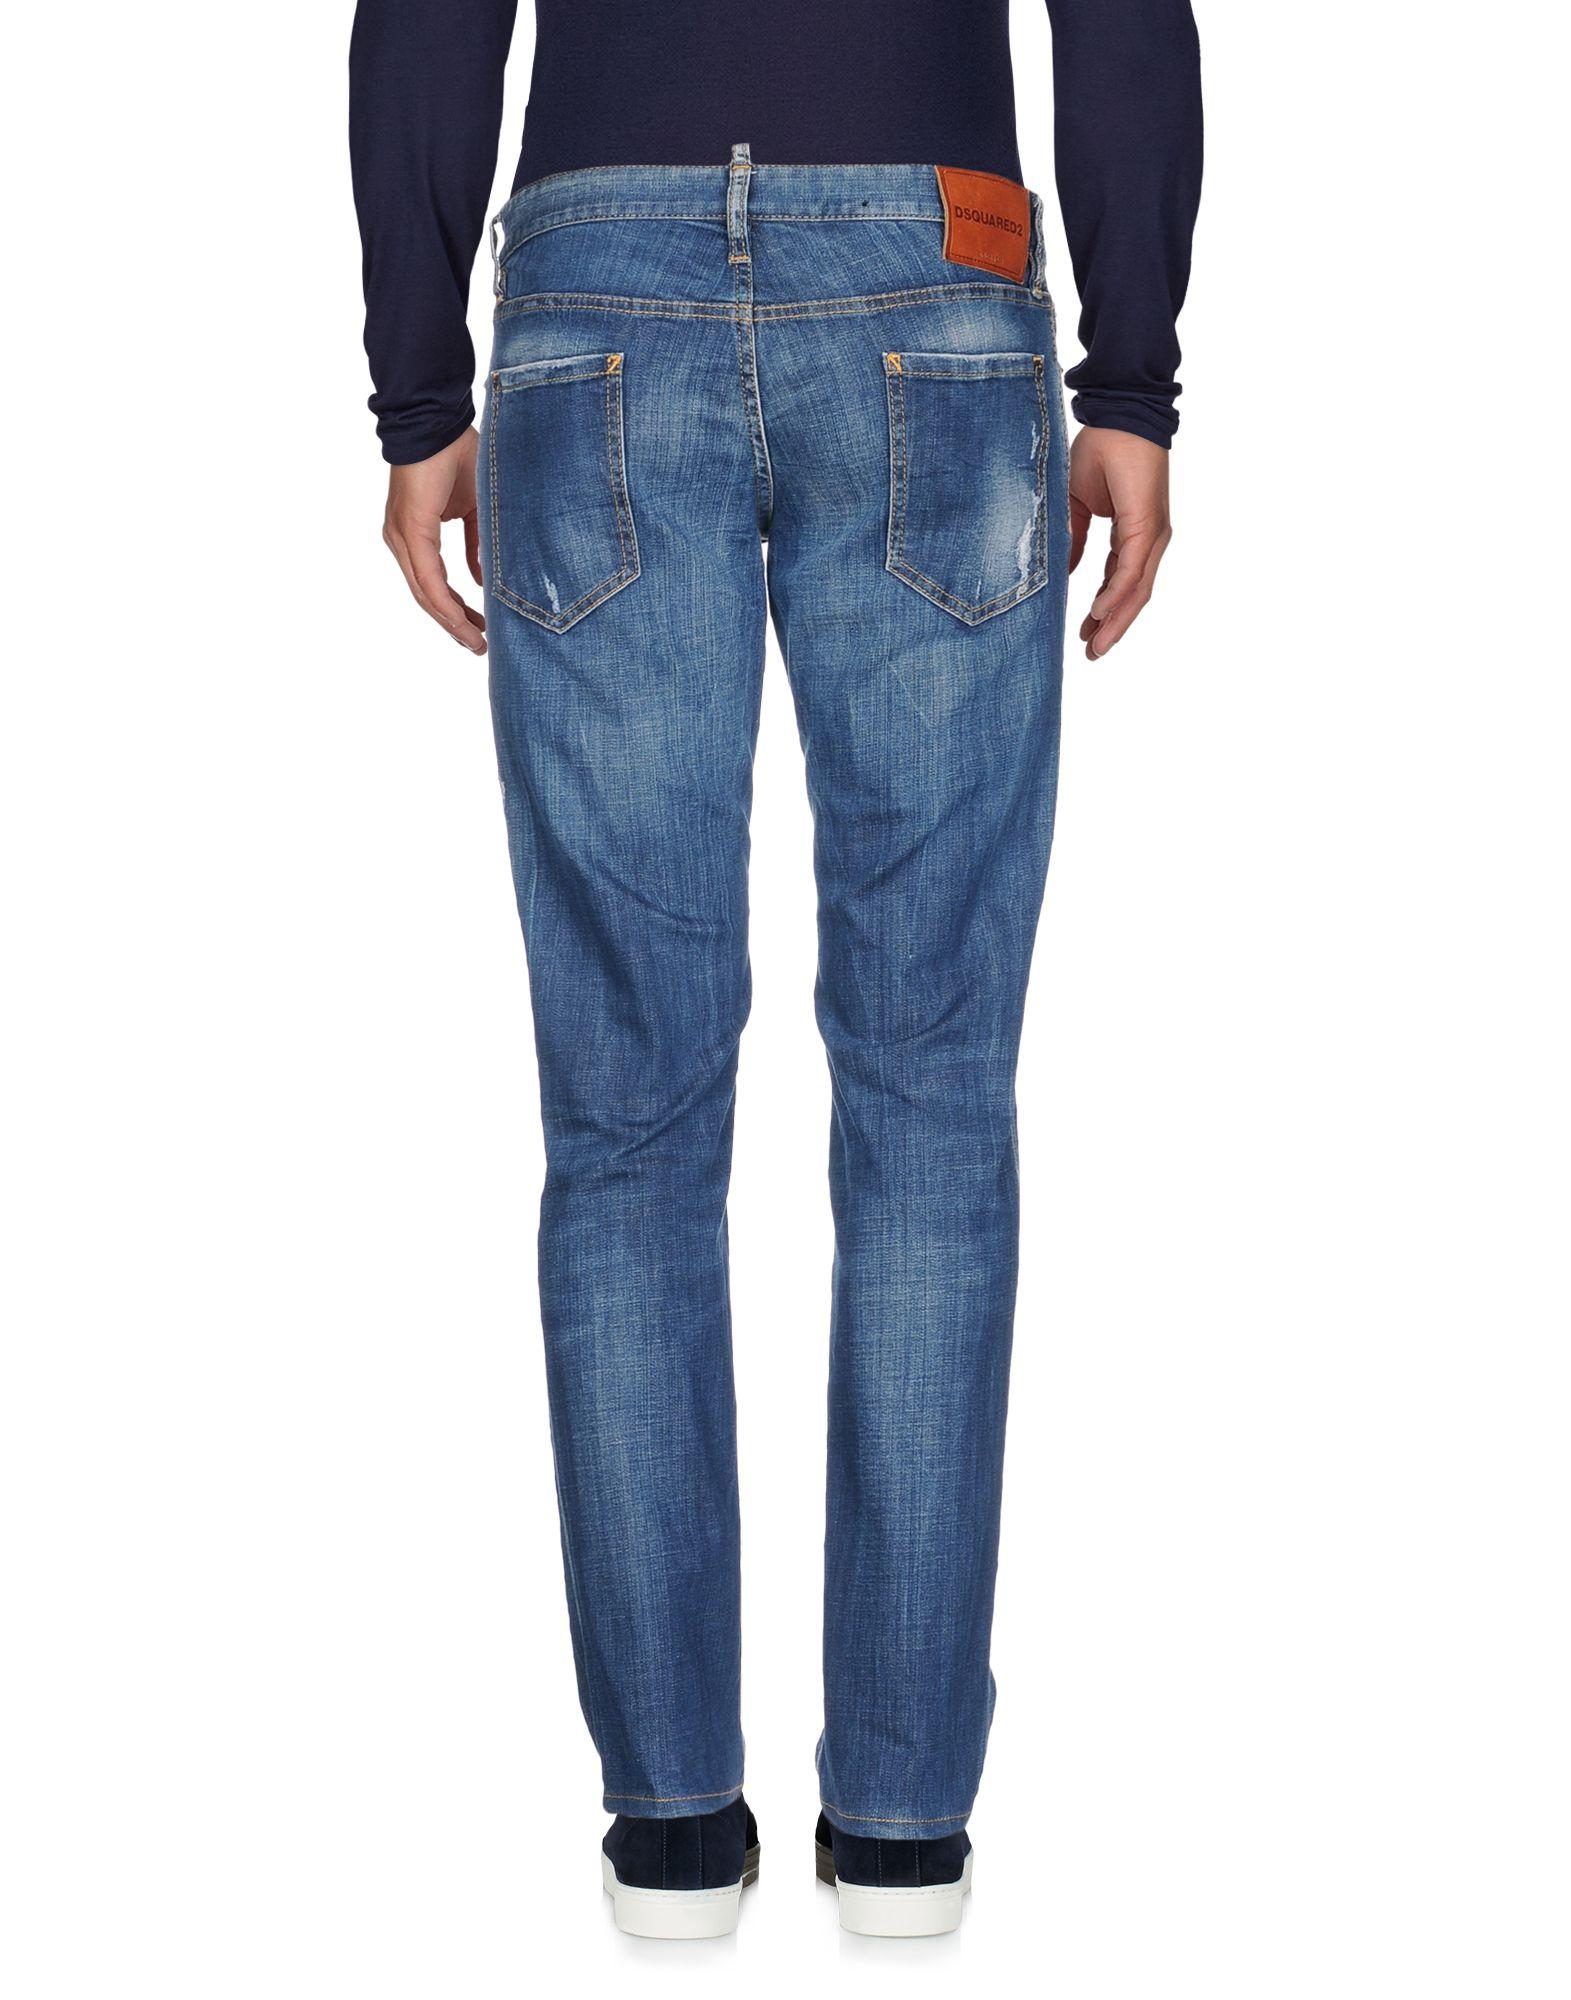 Pantaloni 42668781BD Jeans Dsquarosso2 Uomo - 42668781BD Pantaloni 4d3139